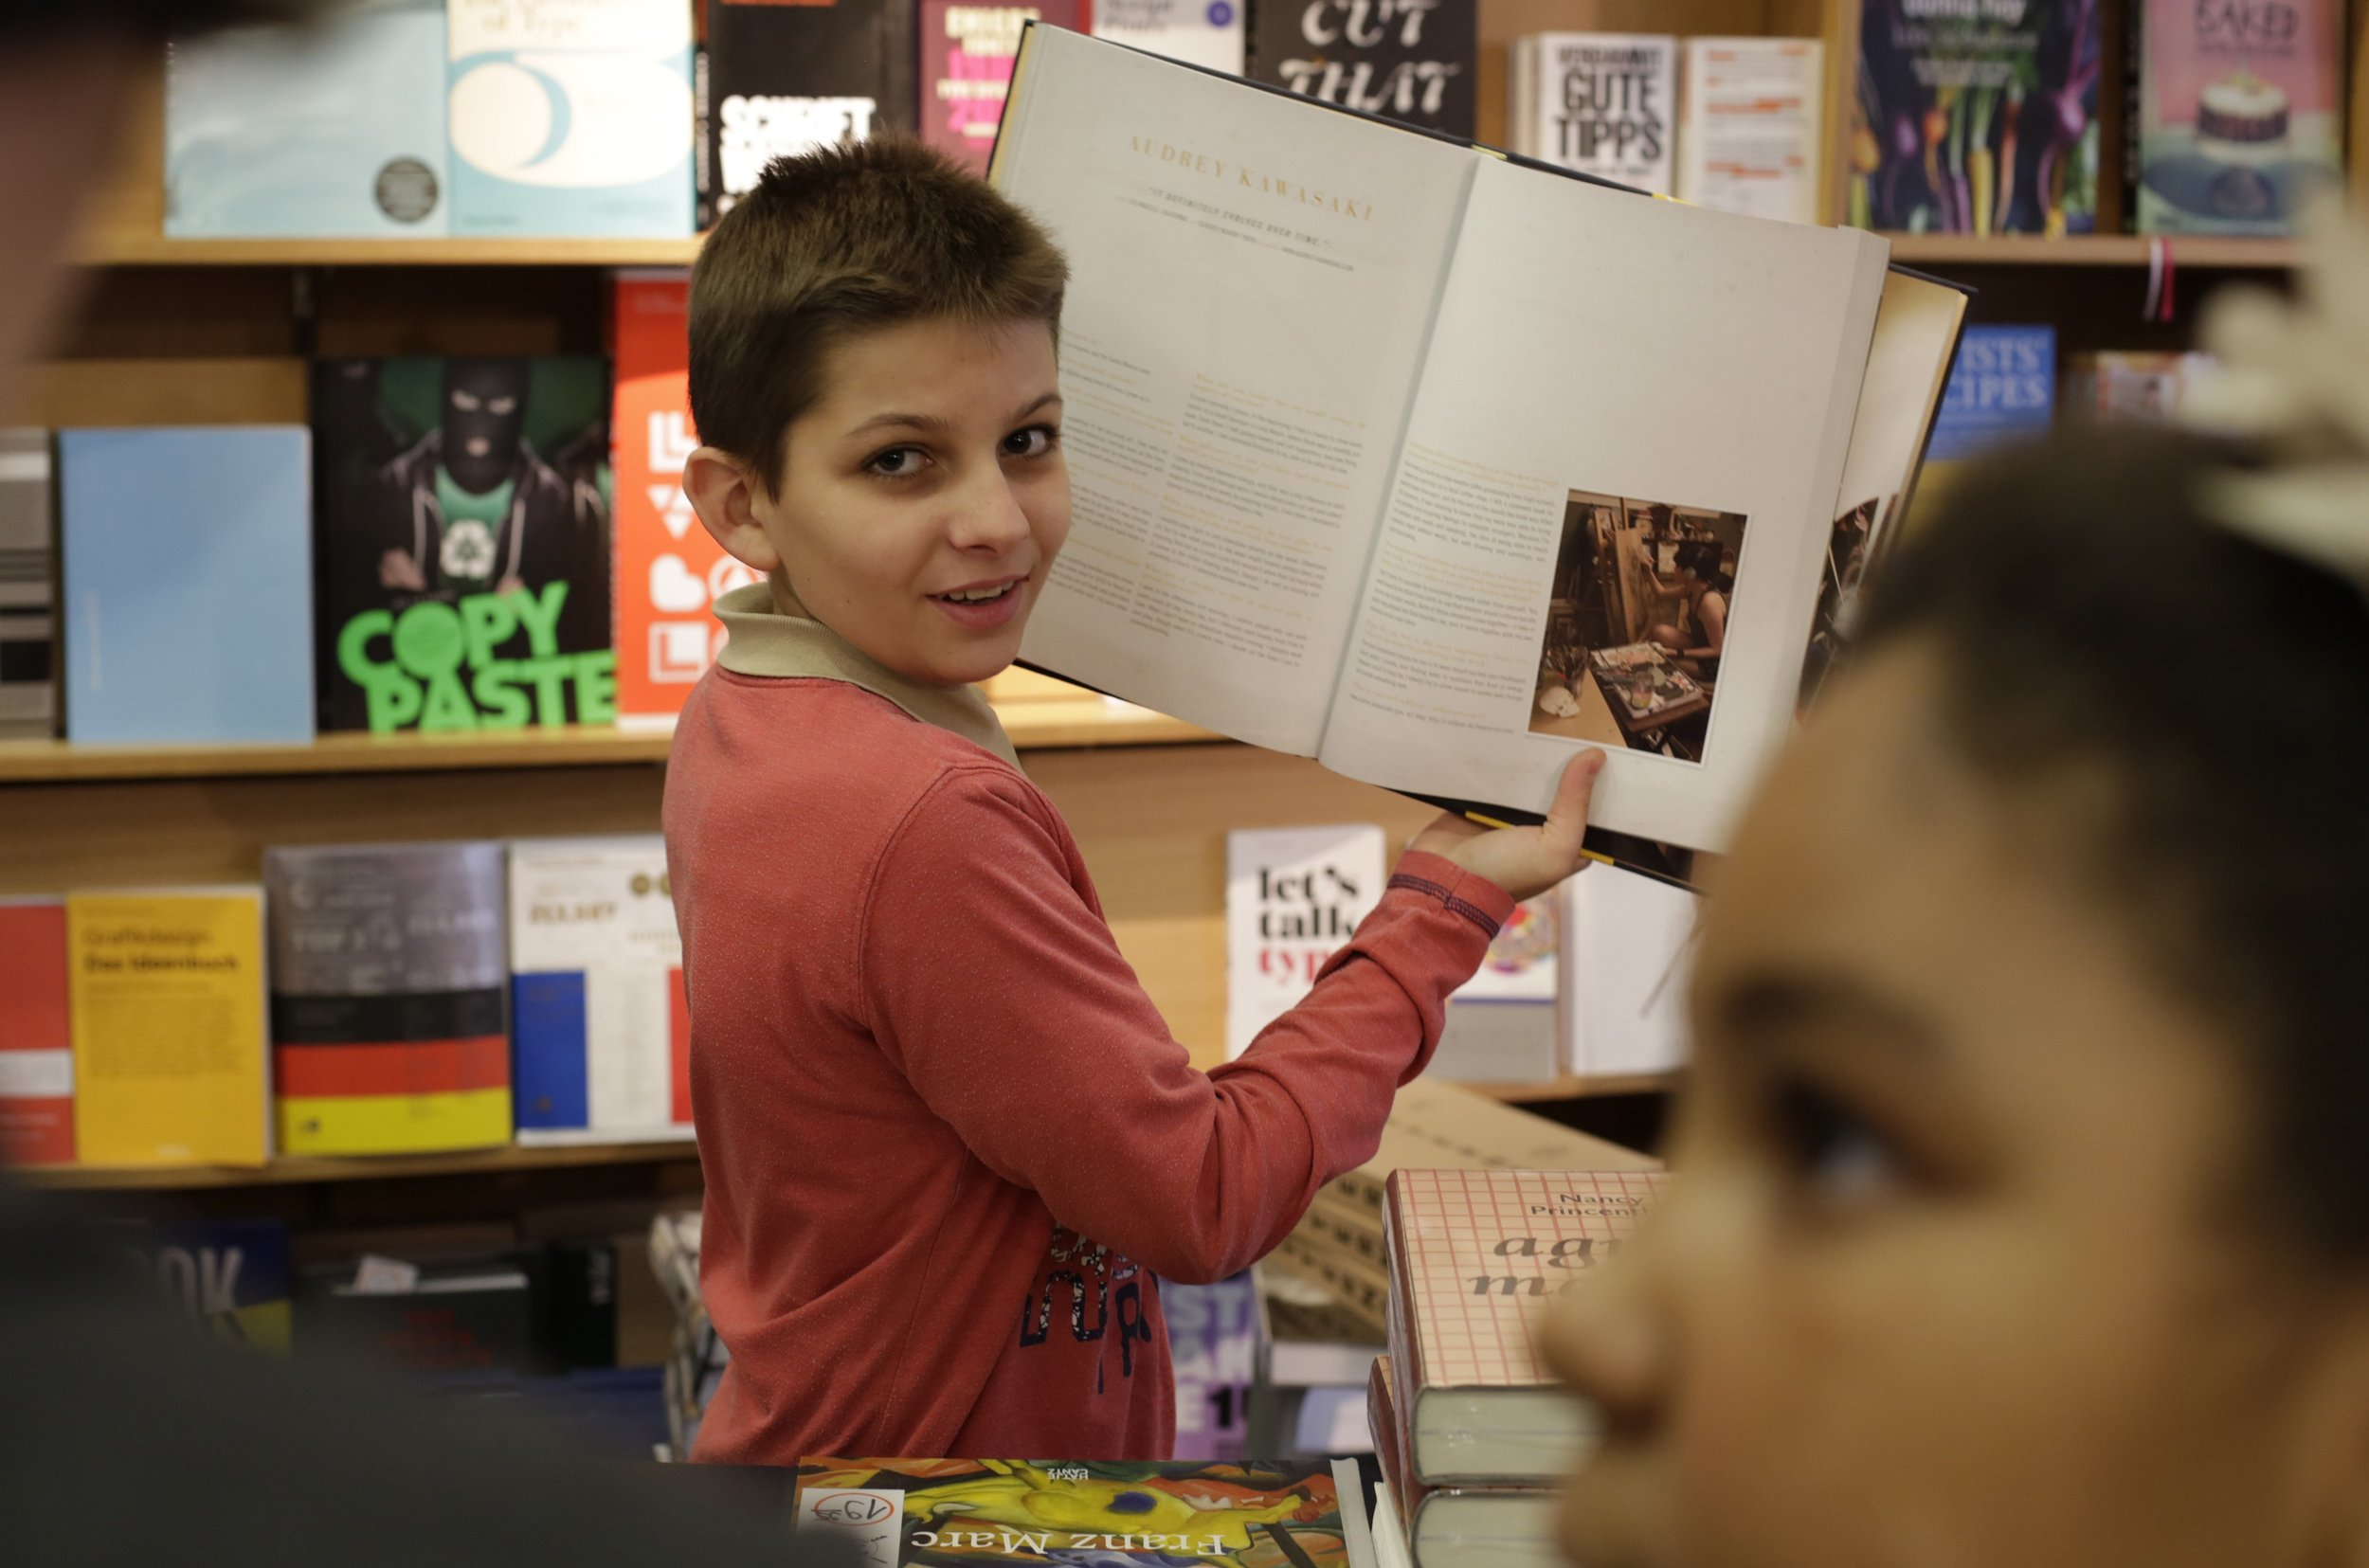 Bild aus dem Programm CHILDREN Entdecker (Kinderarmut): Junge steht vor einem Bücherregal und hält ein Buch in den Händen